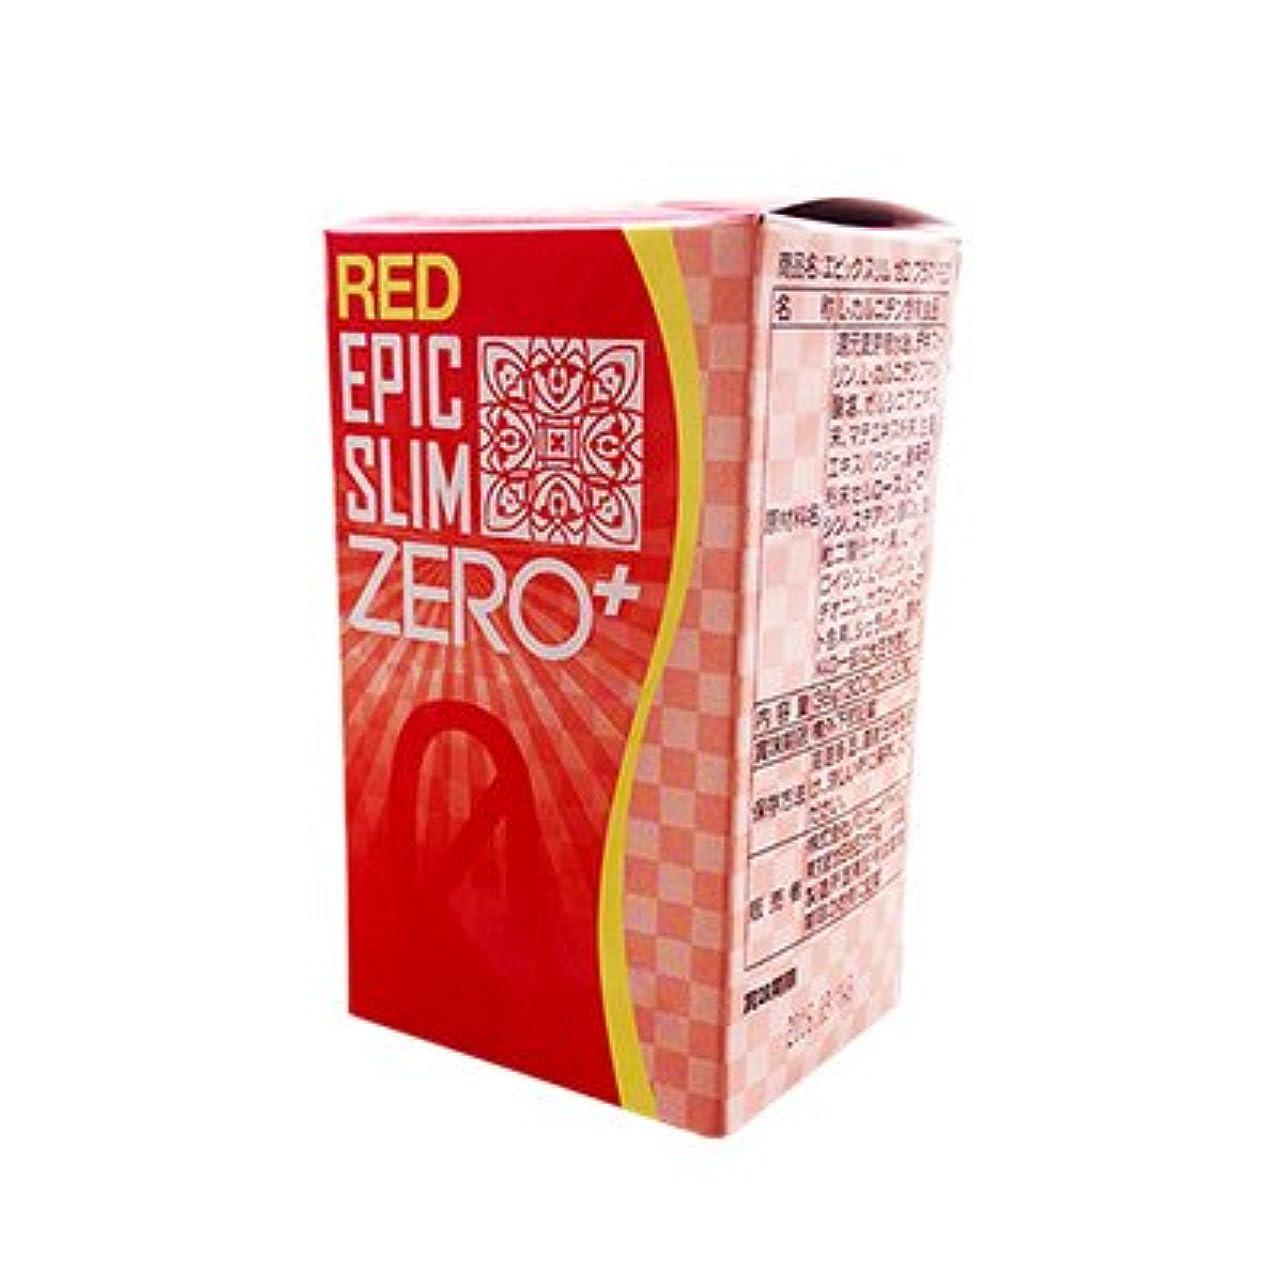 ファッション仕事に行くレッド エピックスリム ゼロ レッド Epic Slim ZERO RED